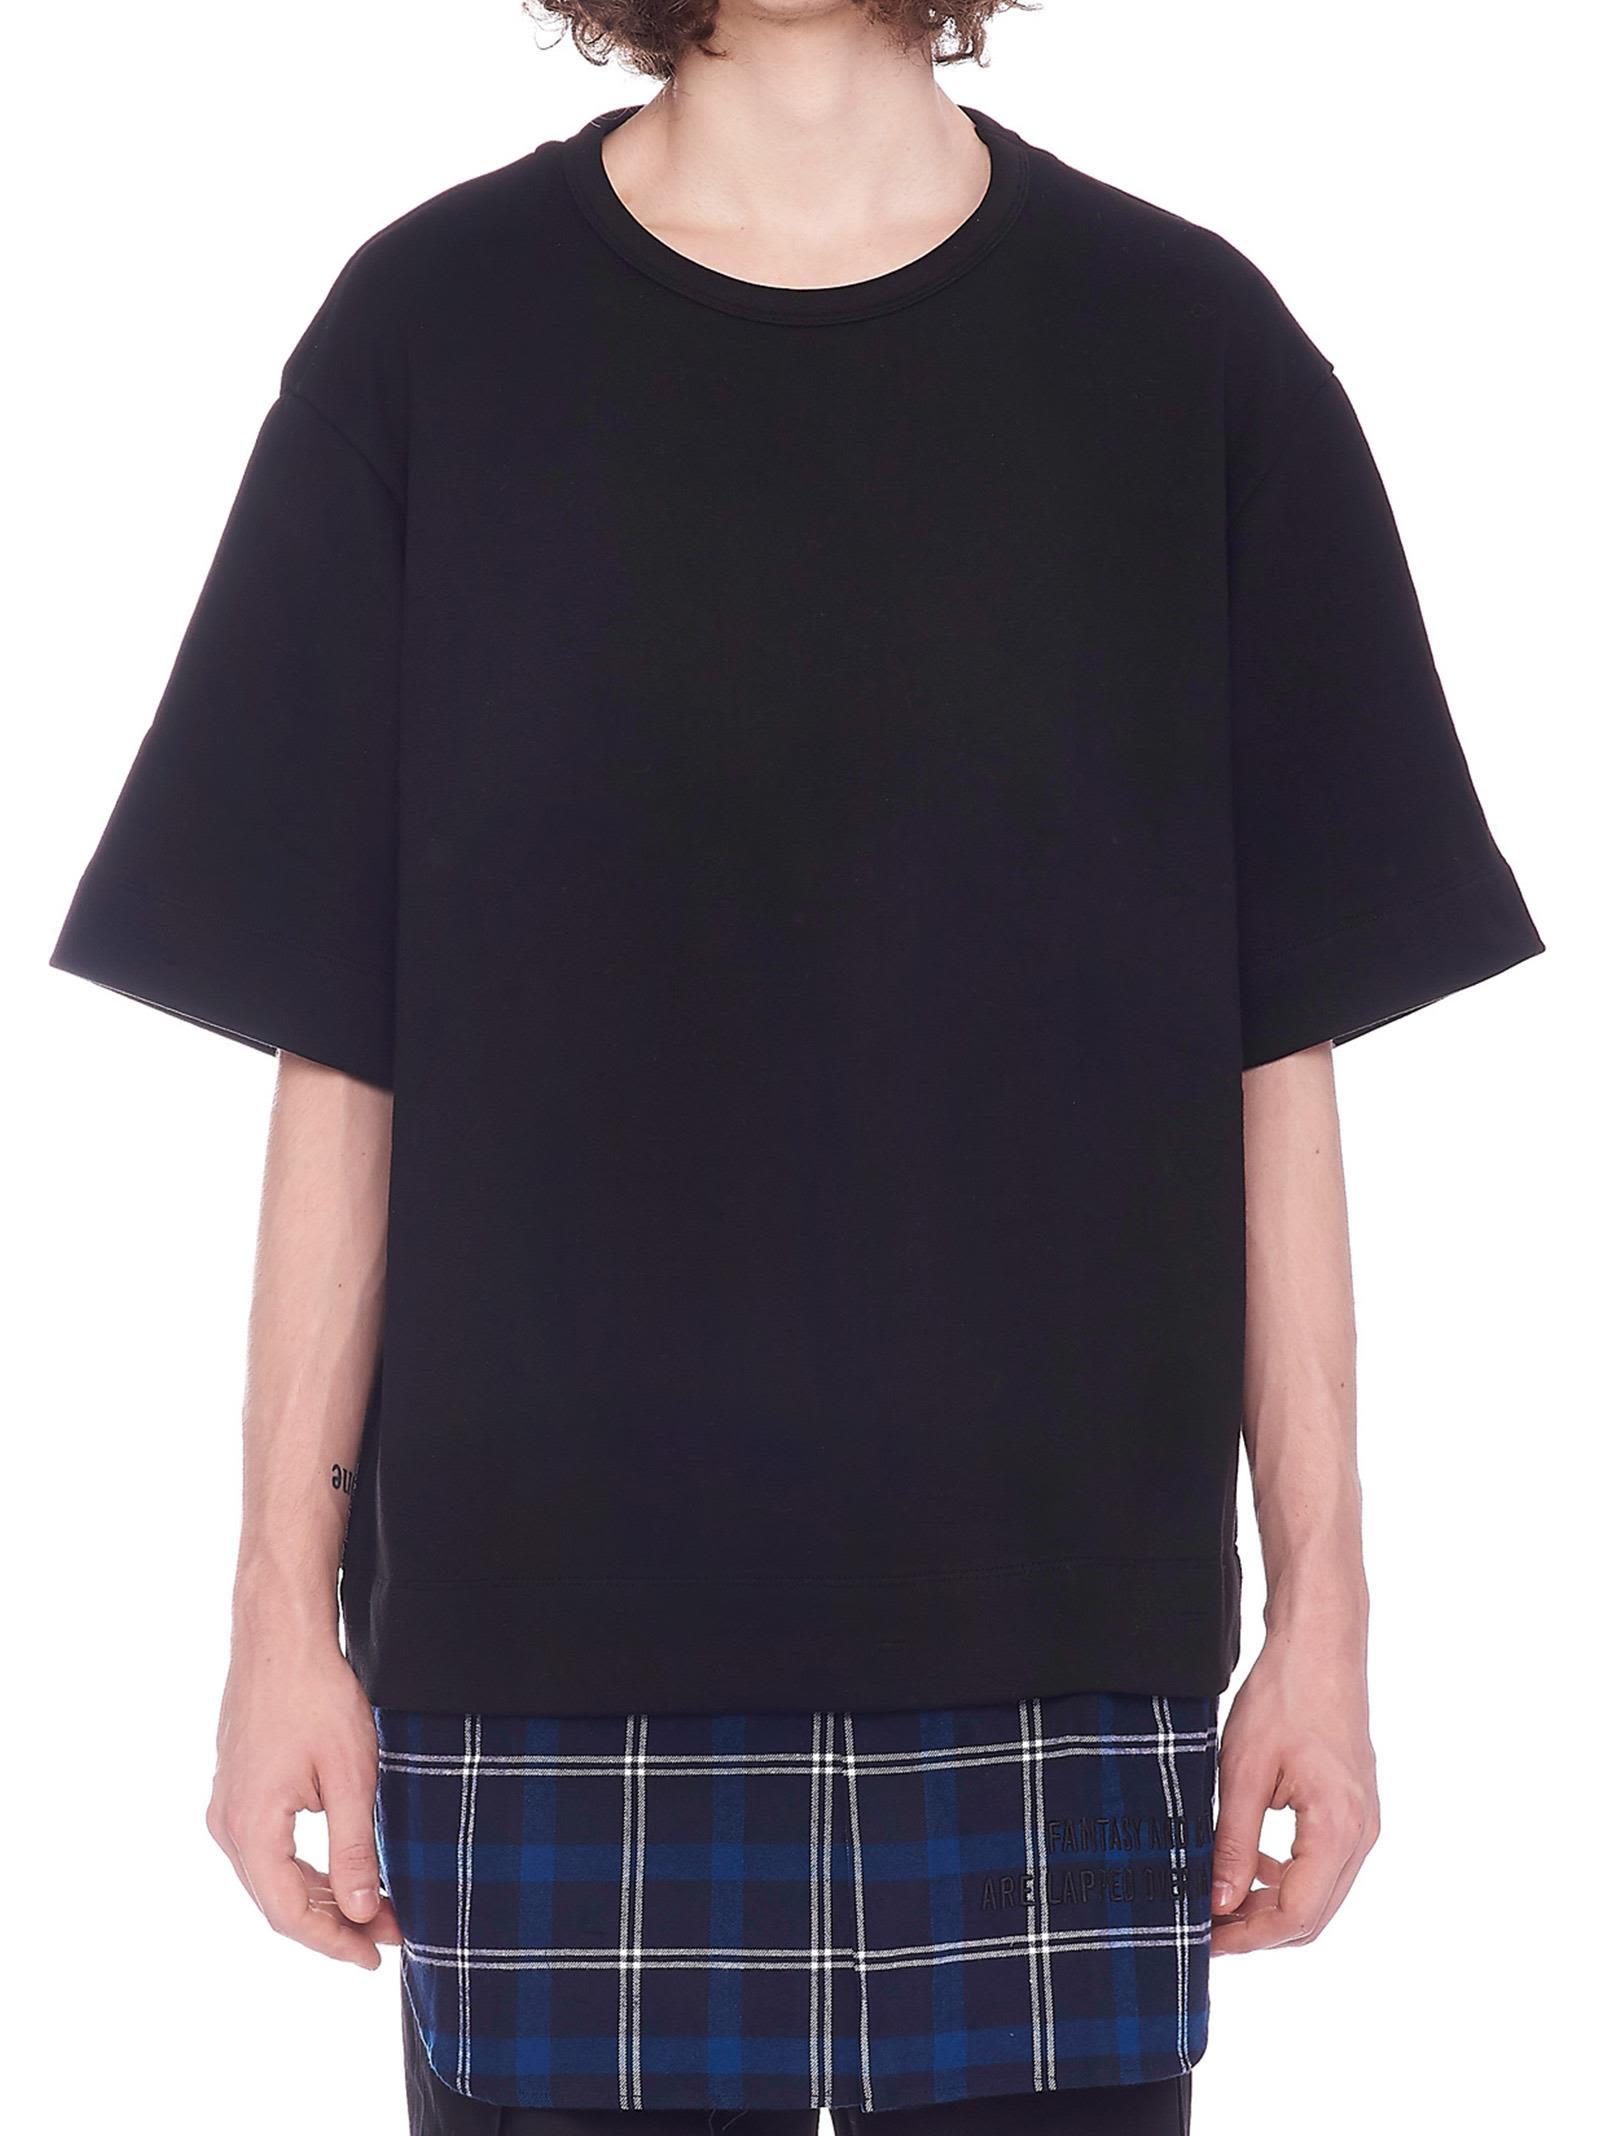 Juun.j T-shirt